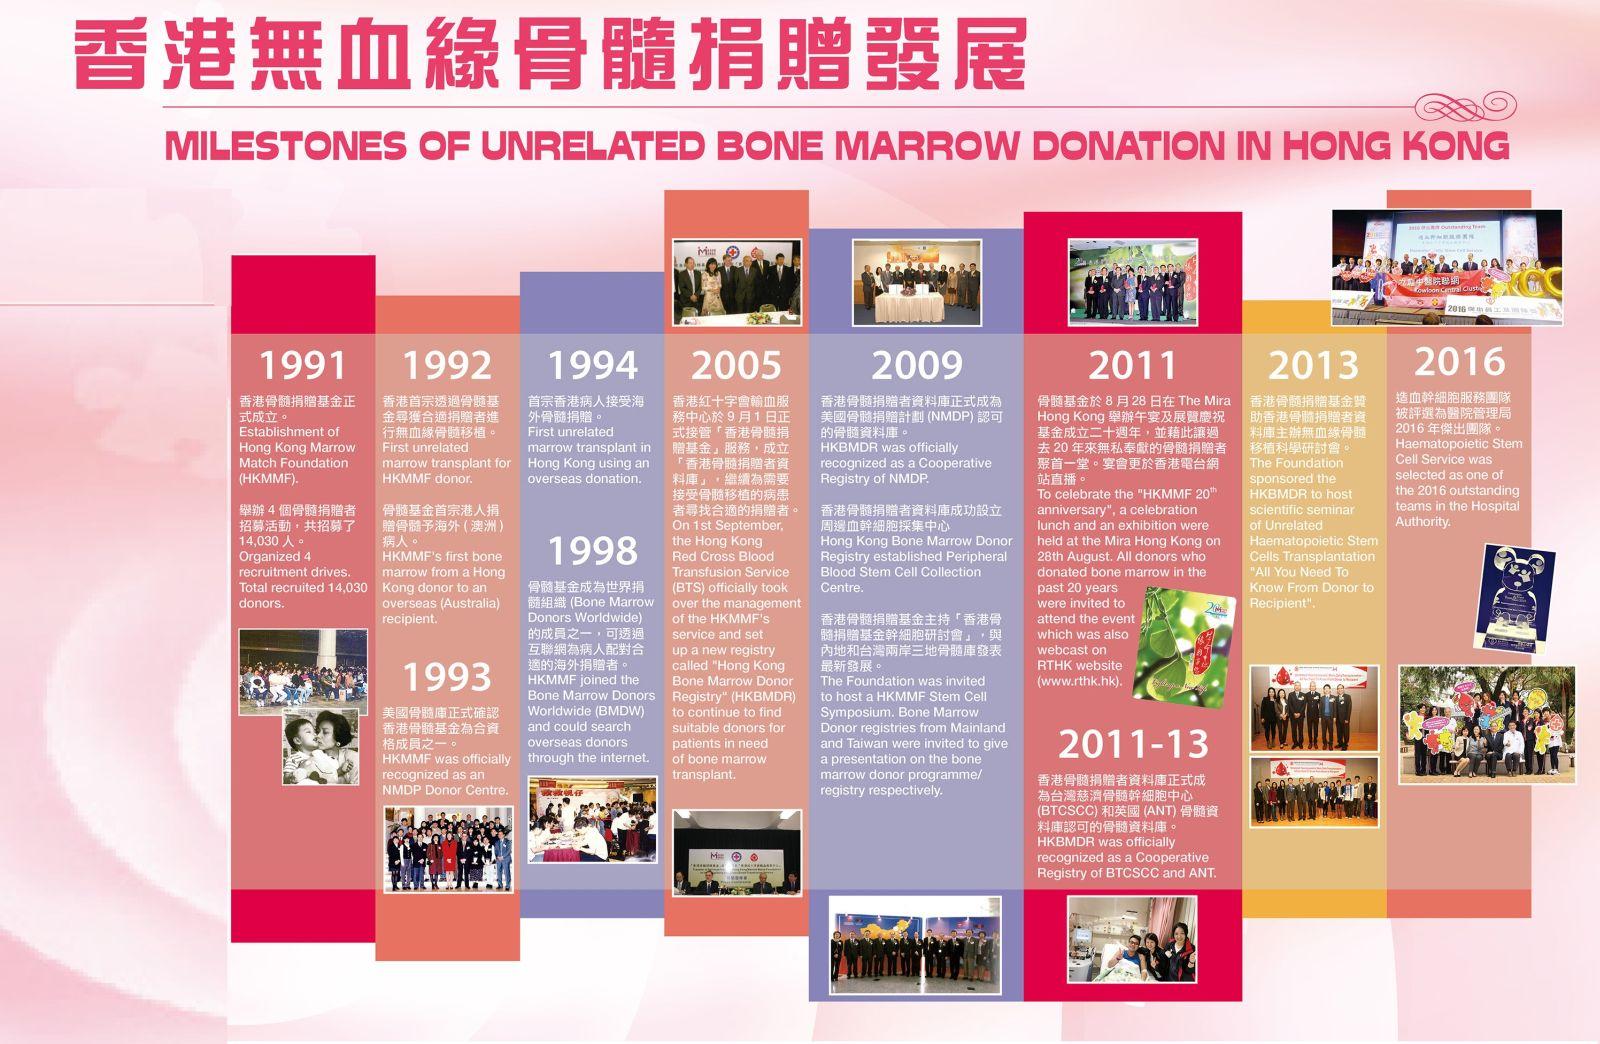 圖片: 香港無血緣骨髓捐贈發展